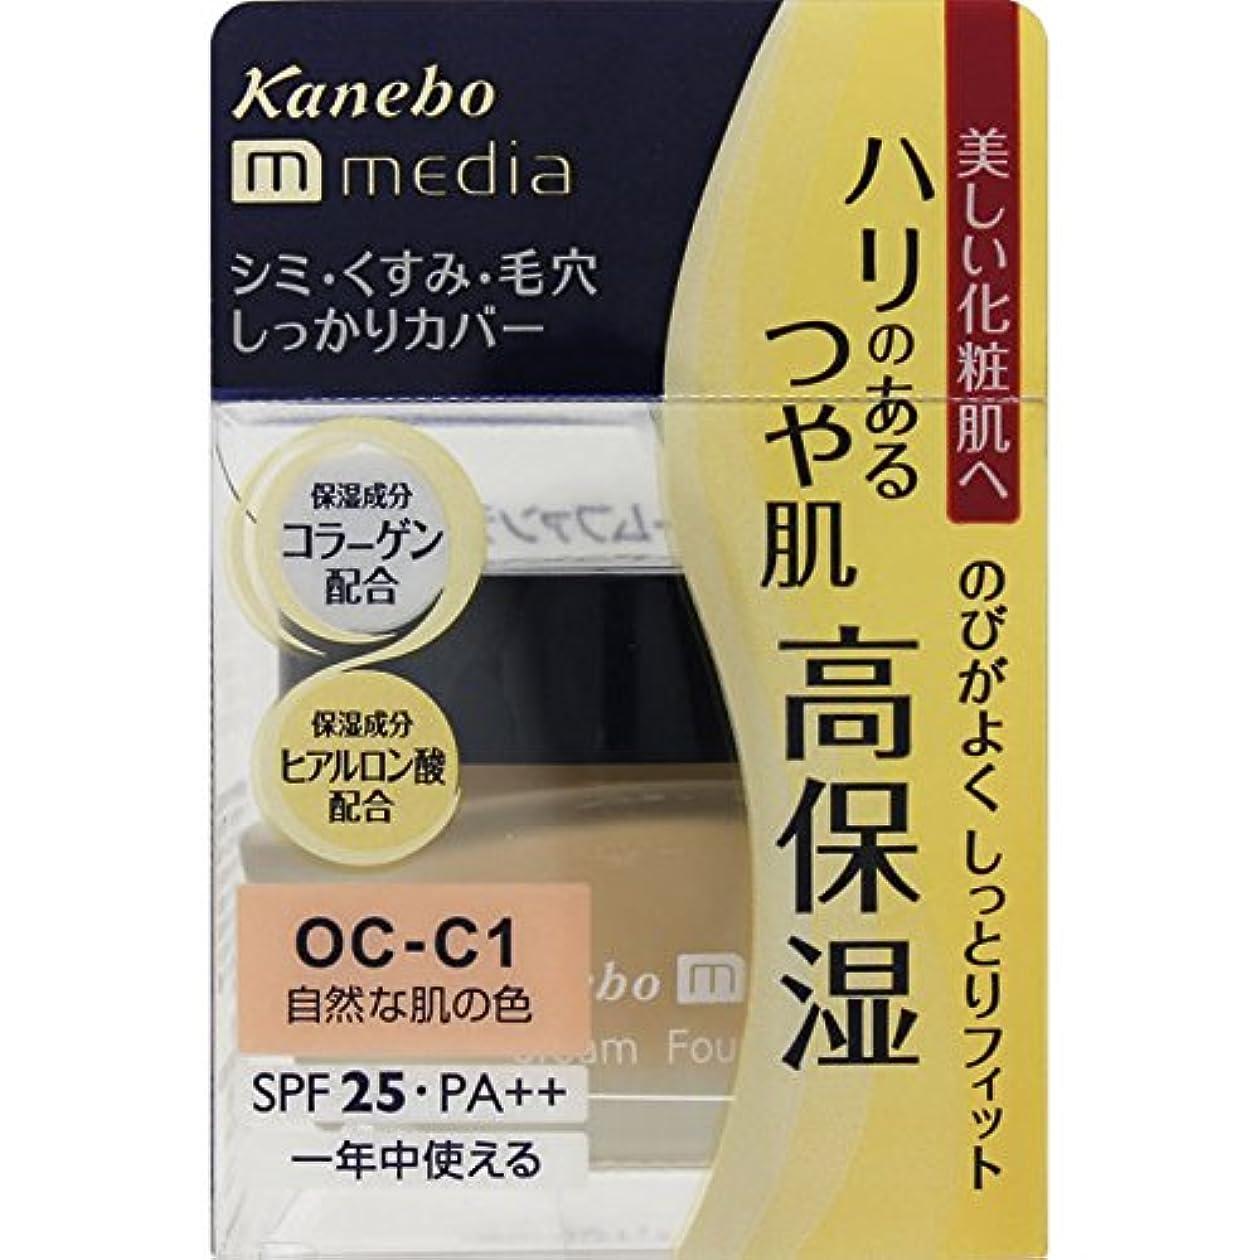 ミスペンド九ガイドカネボウ media(メディア) クリームファンデーション OC-C1(自然な肌の色)